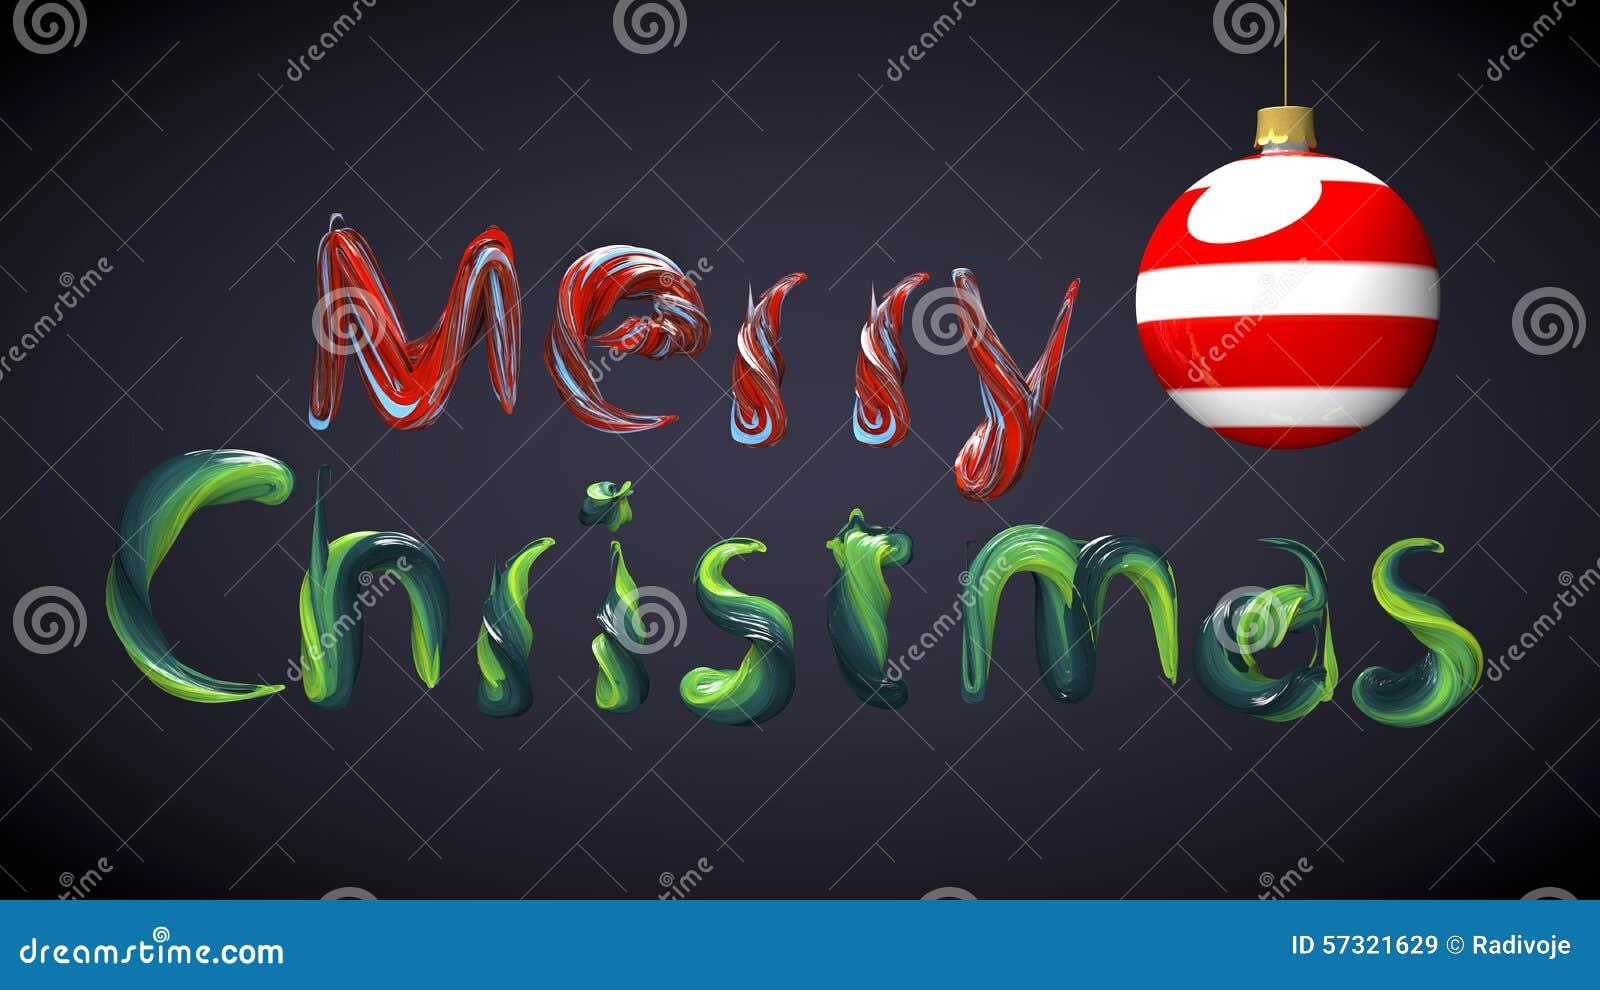 Buon Natale Del C Testo.Testo Di Buon Natale Fatto Con I Colori Della Pittura Ad Olio